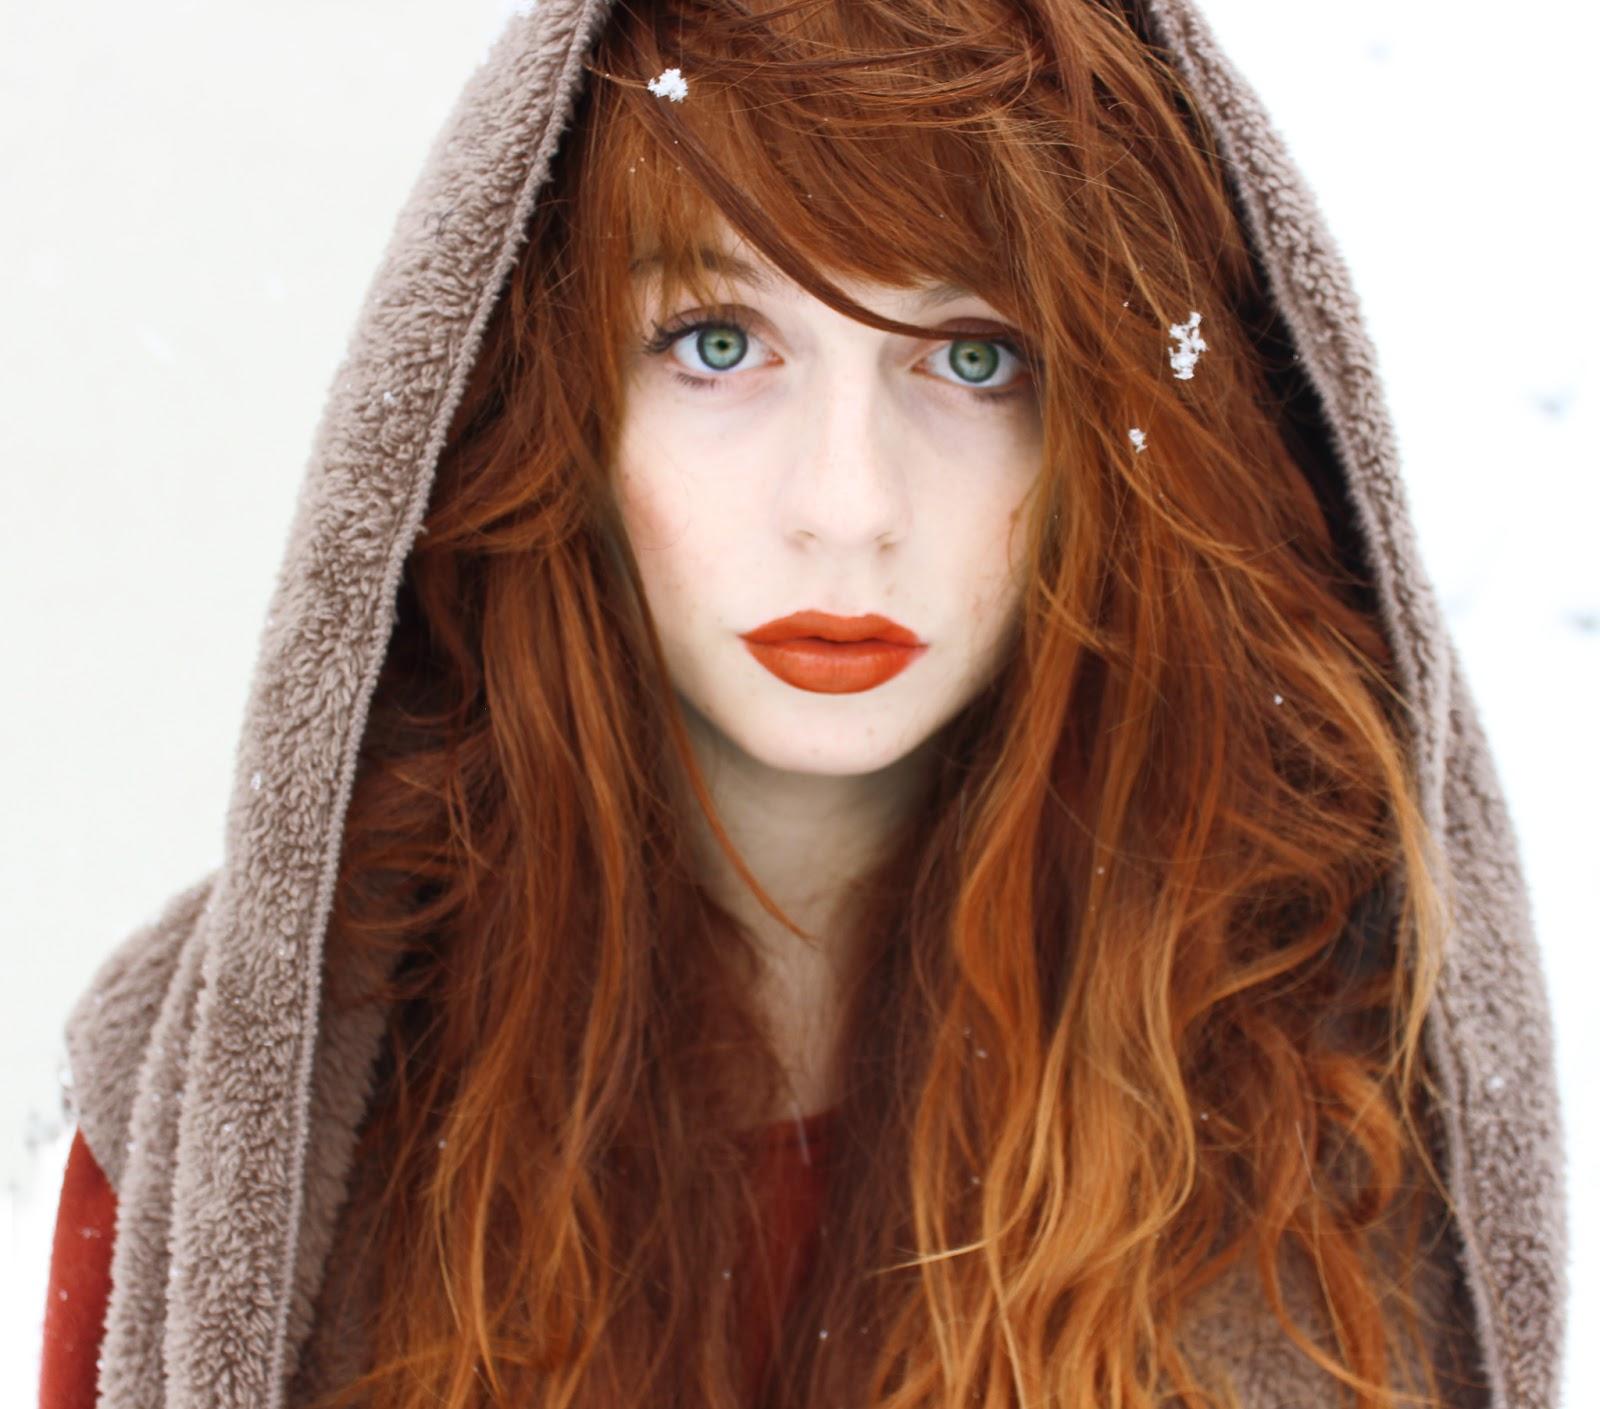 redhead gallery: